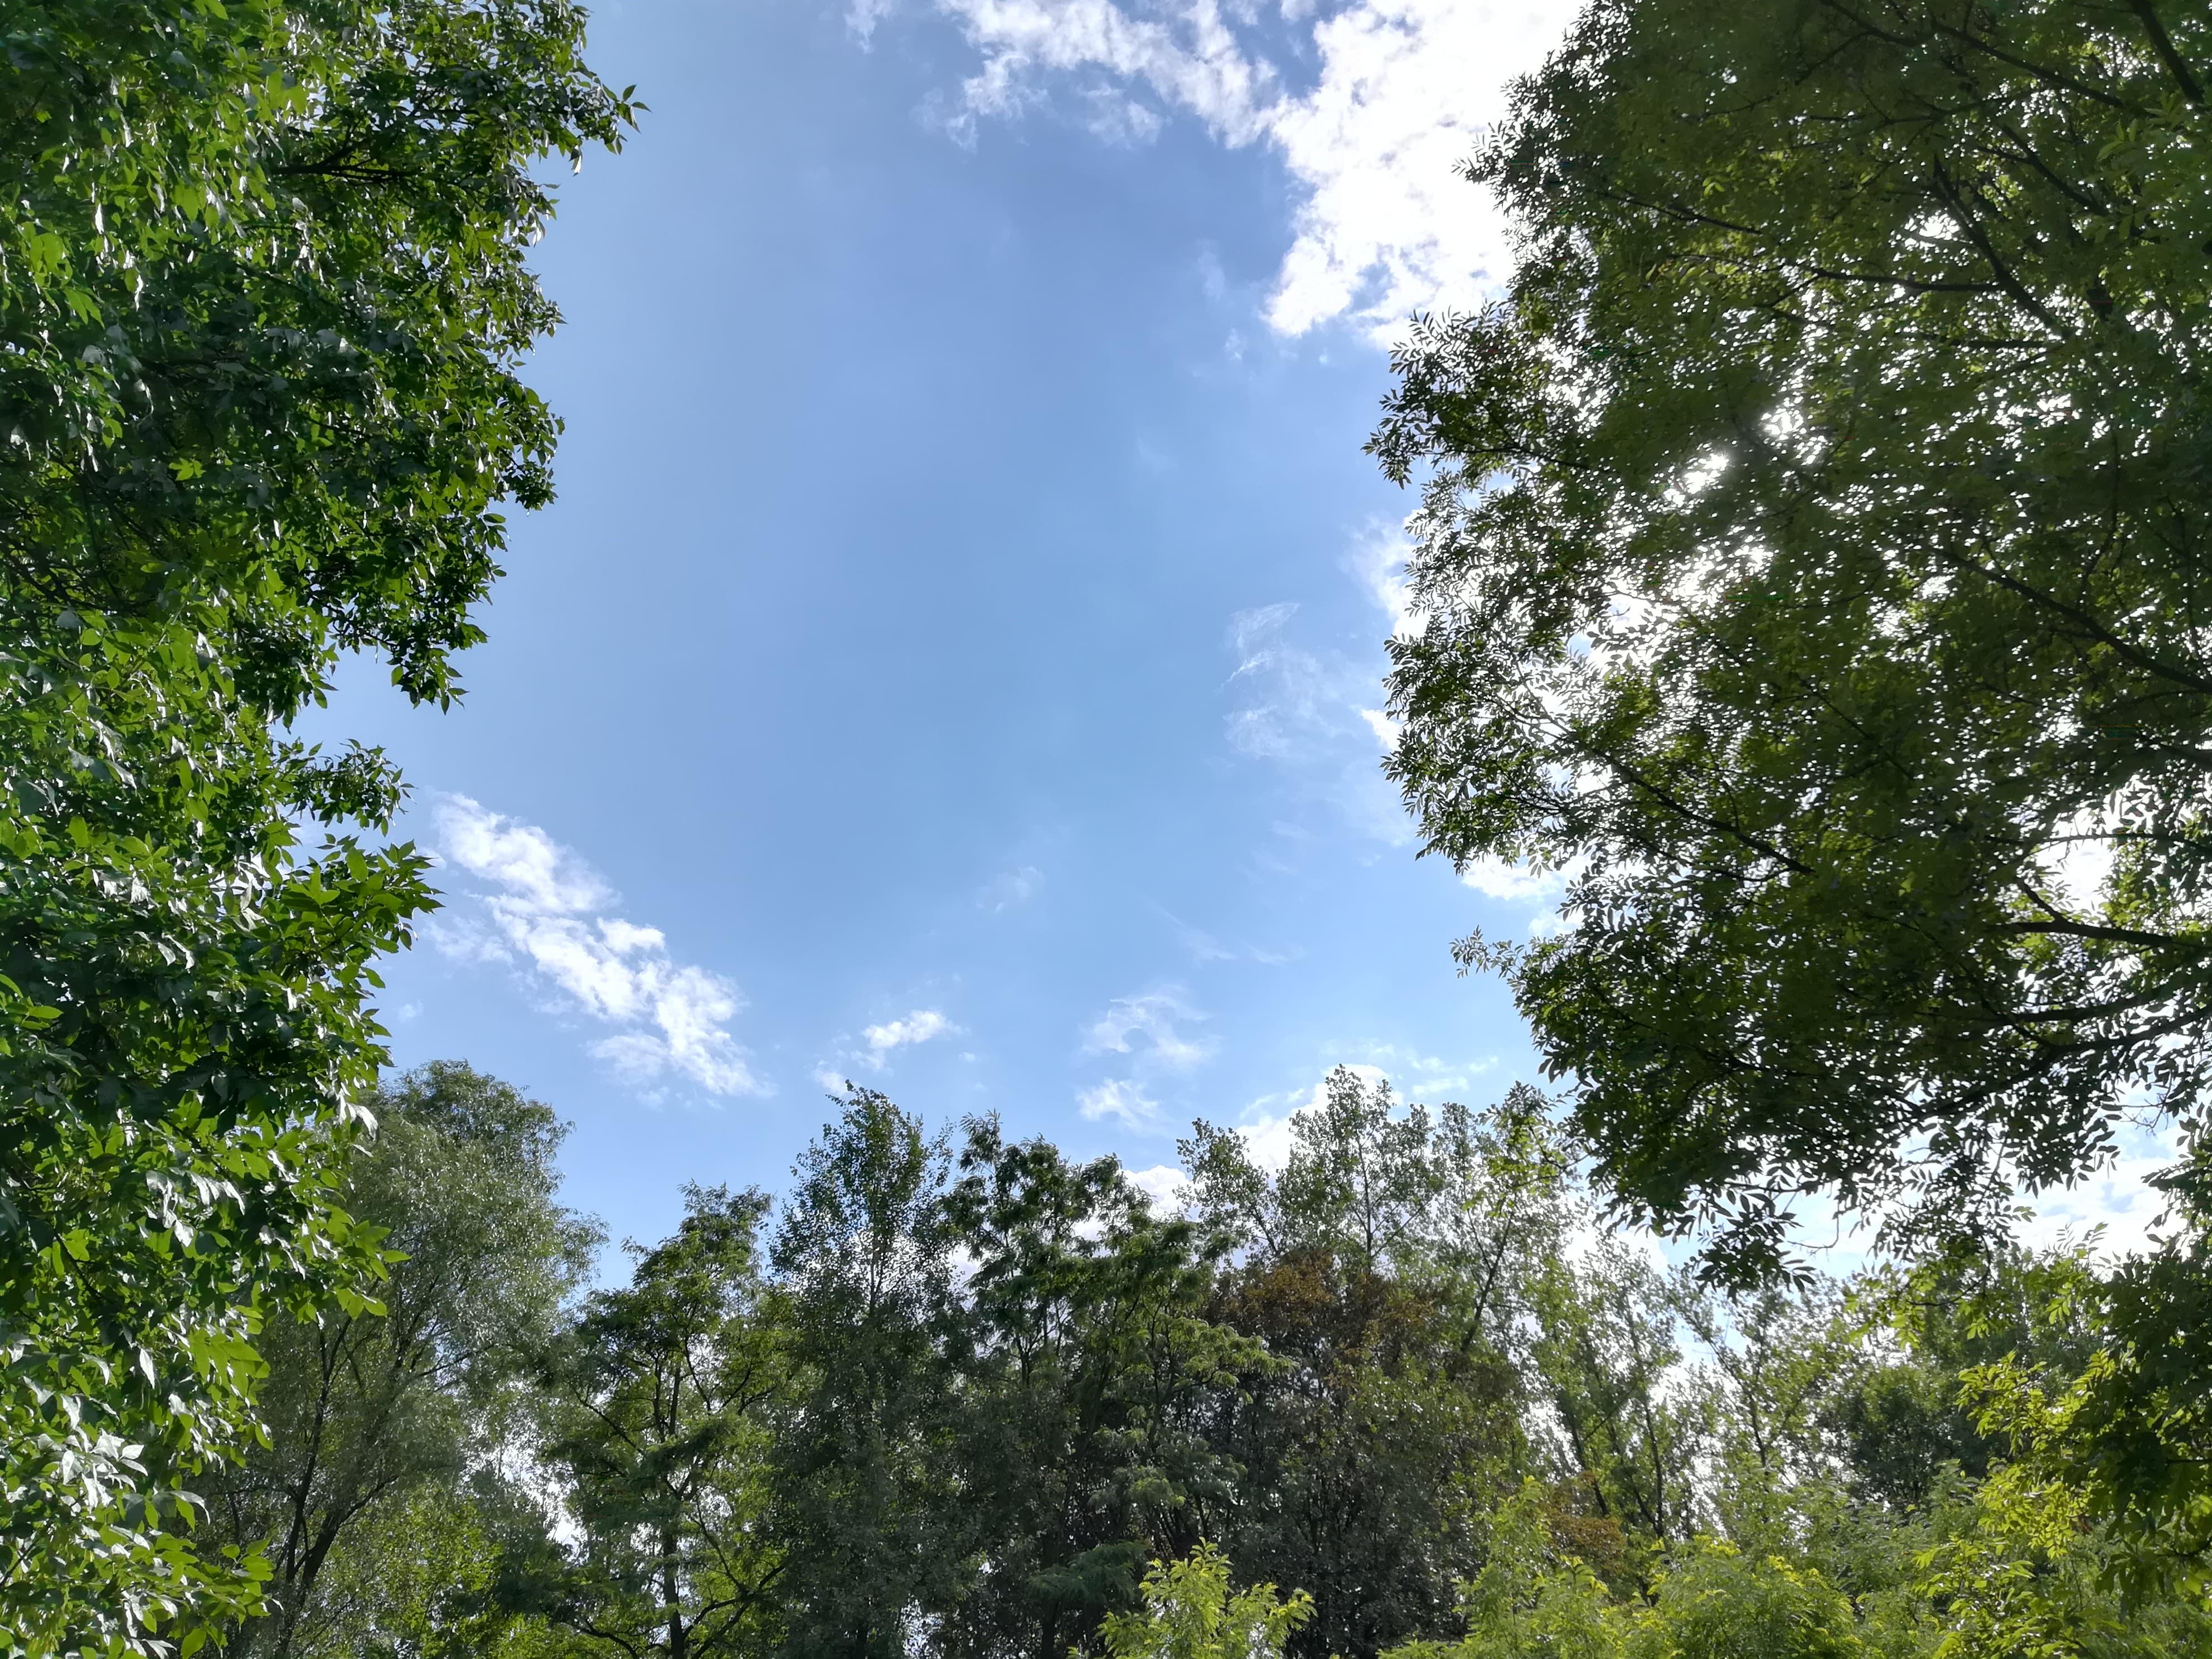 Słoneczna pogoda - Huawei P9 Lite 2017